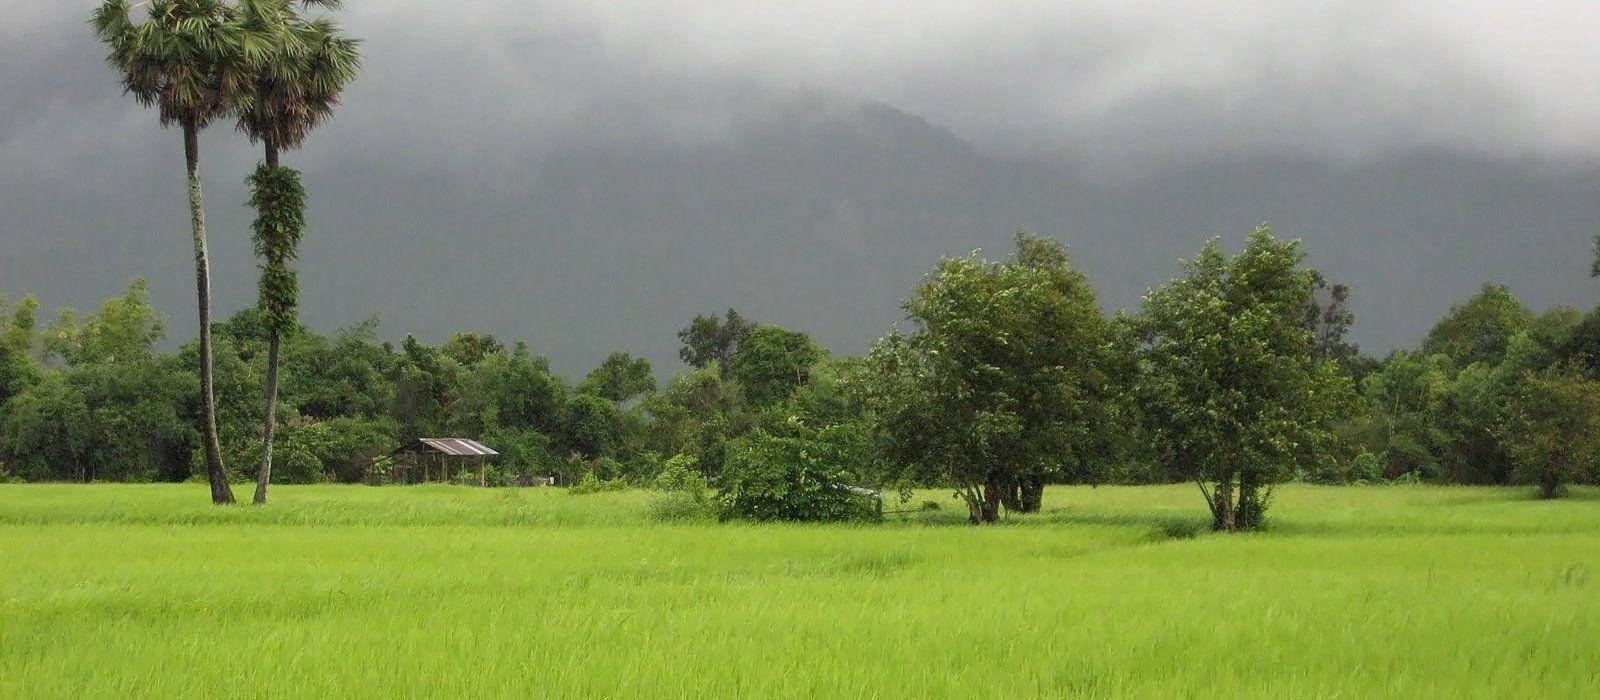 Destination Xe Pian National Park Laos